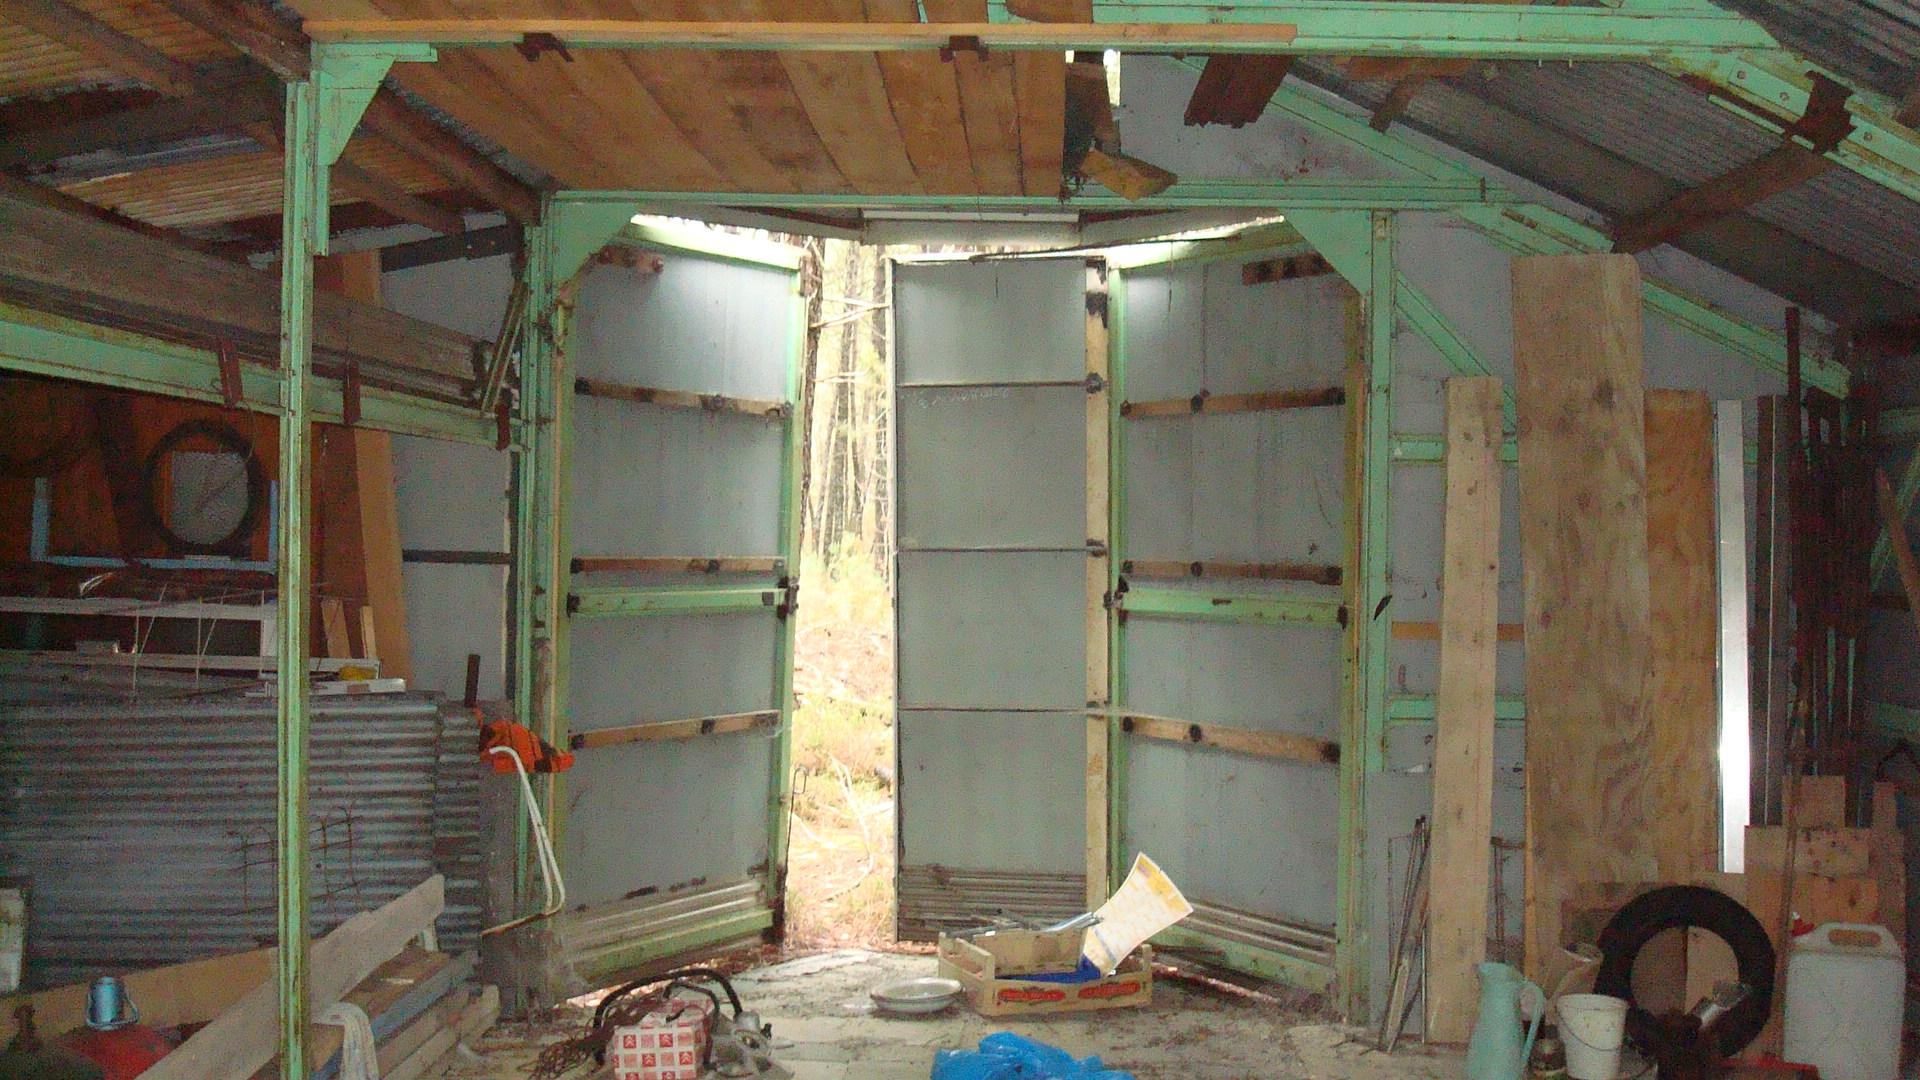 isolation d 39 un toit de t le. Black Bedroom Furniture Sets. Home Design Ideas